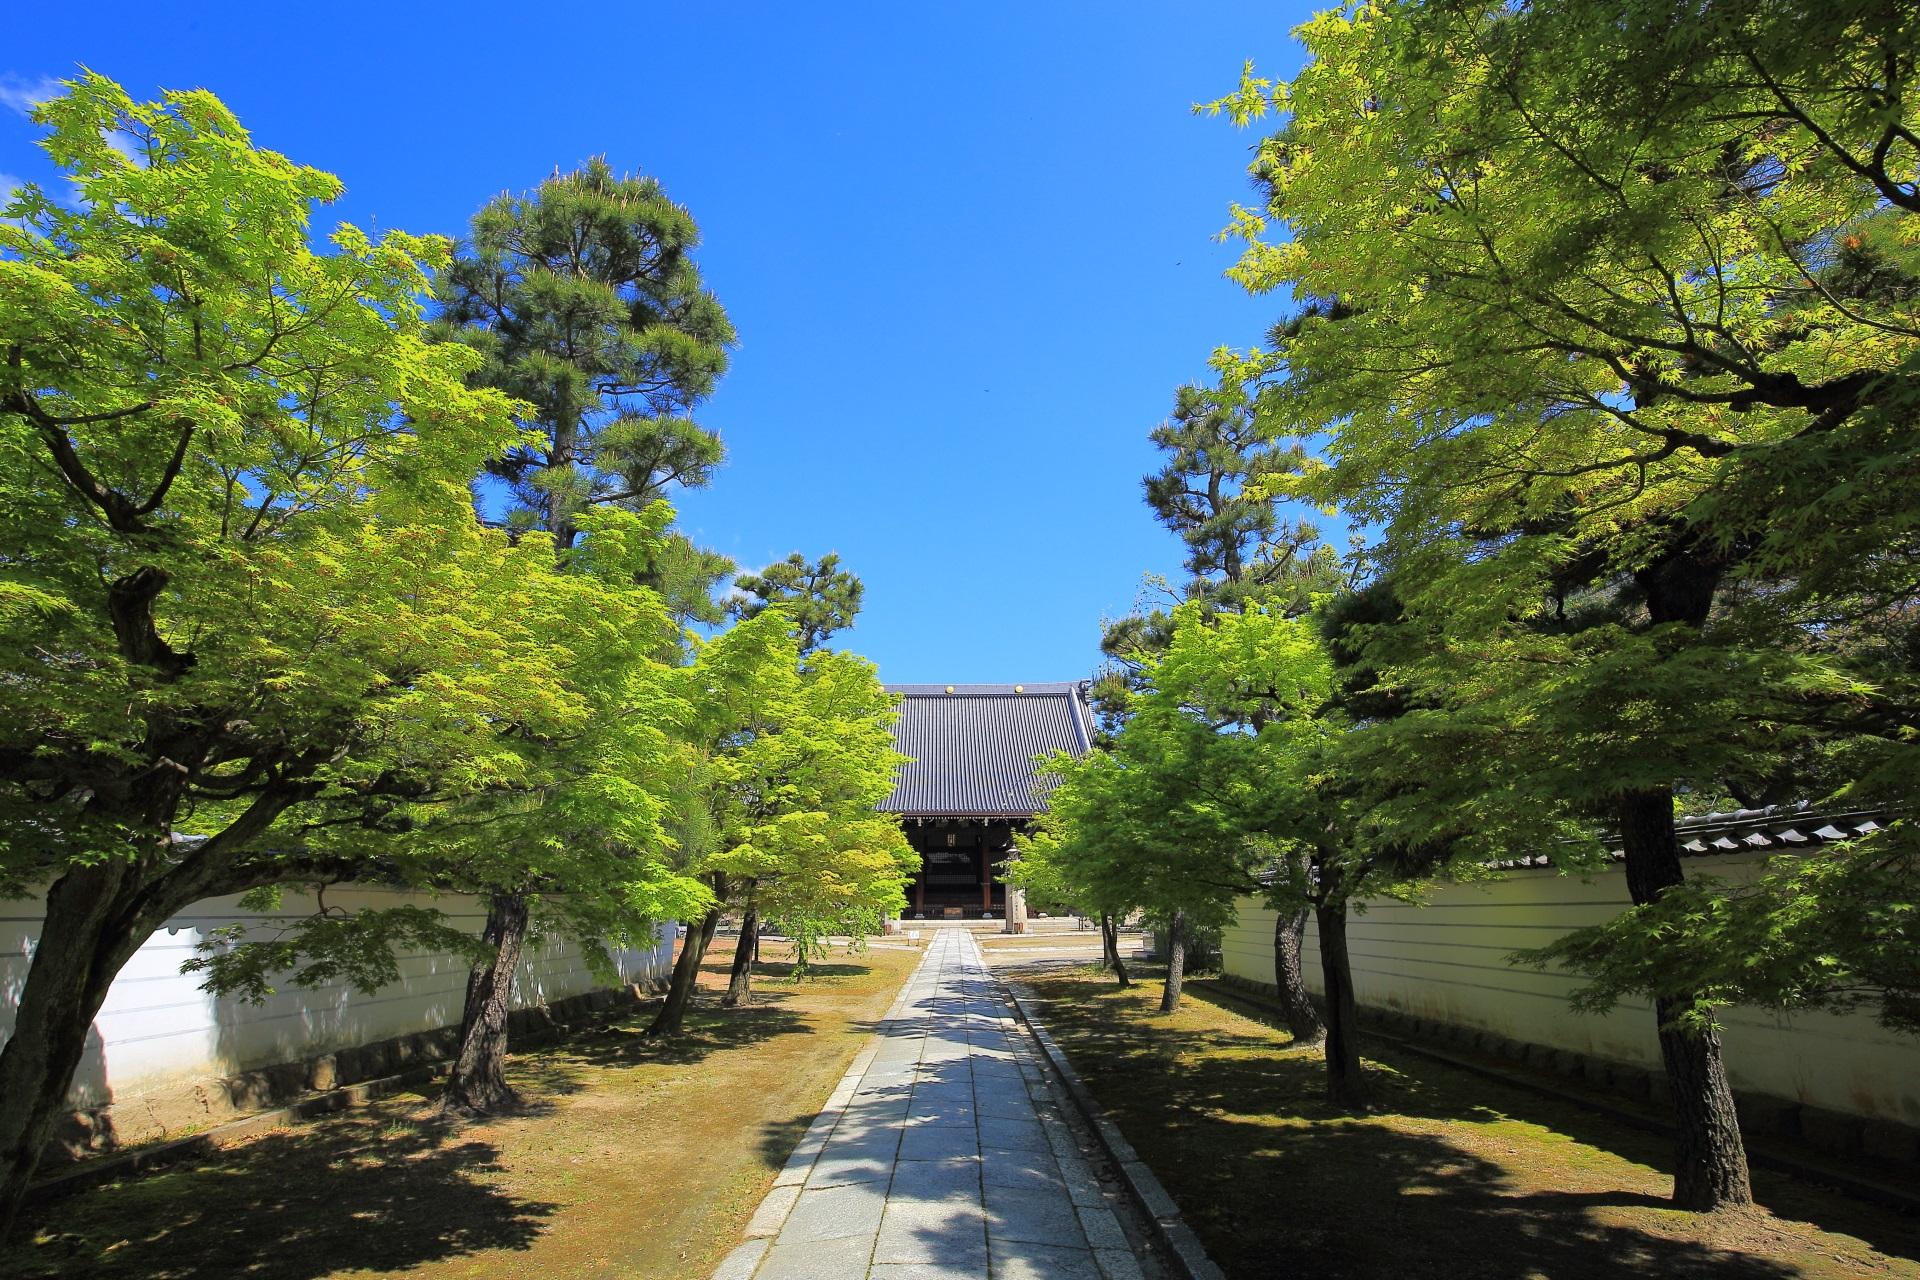 妙顕寺 新緑 雄大な伽藍とさわやかな緑